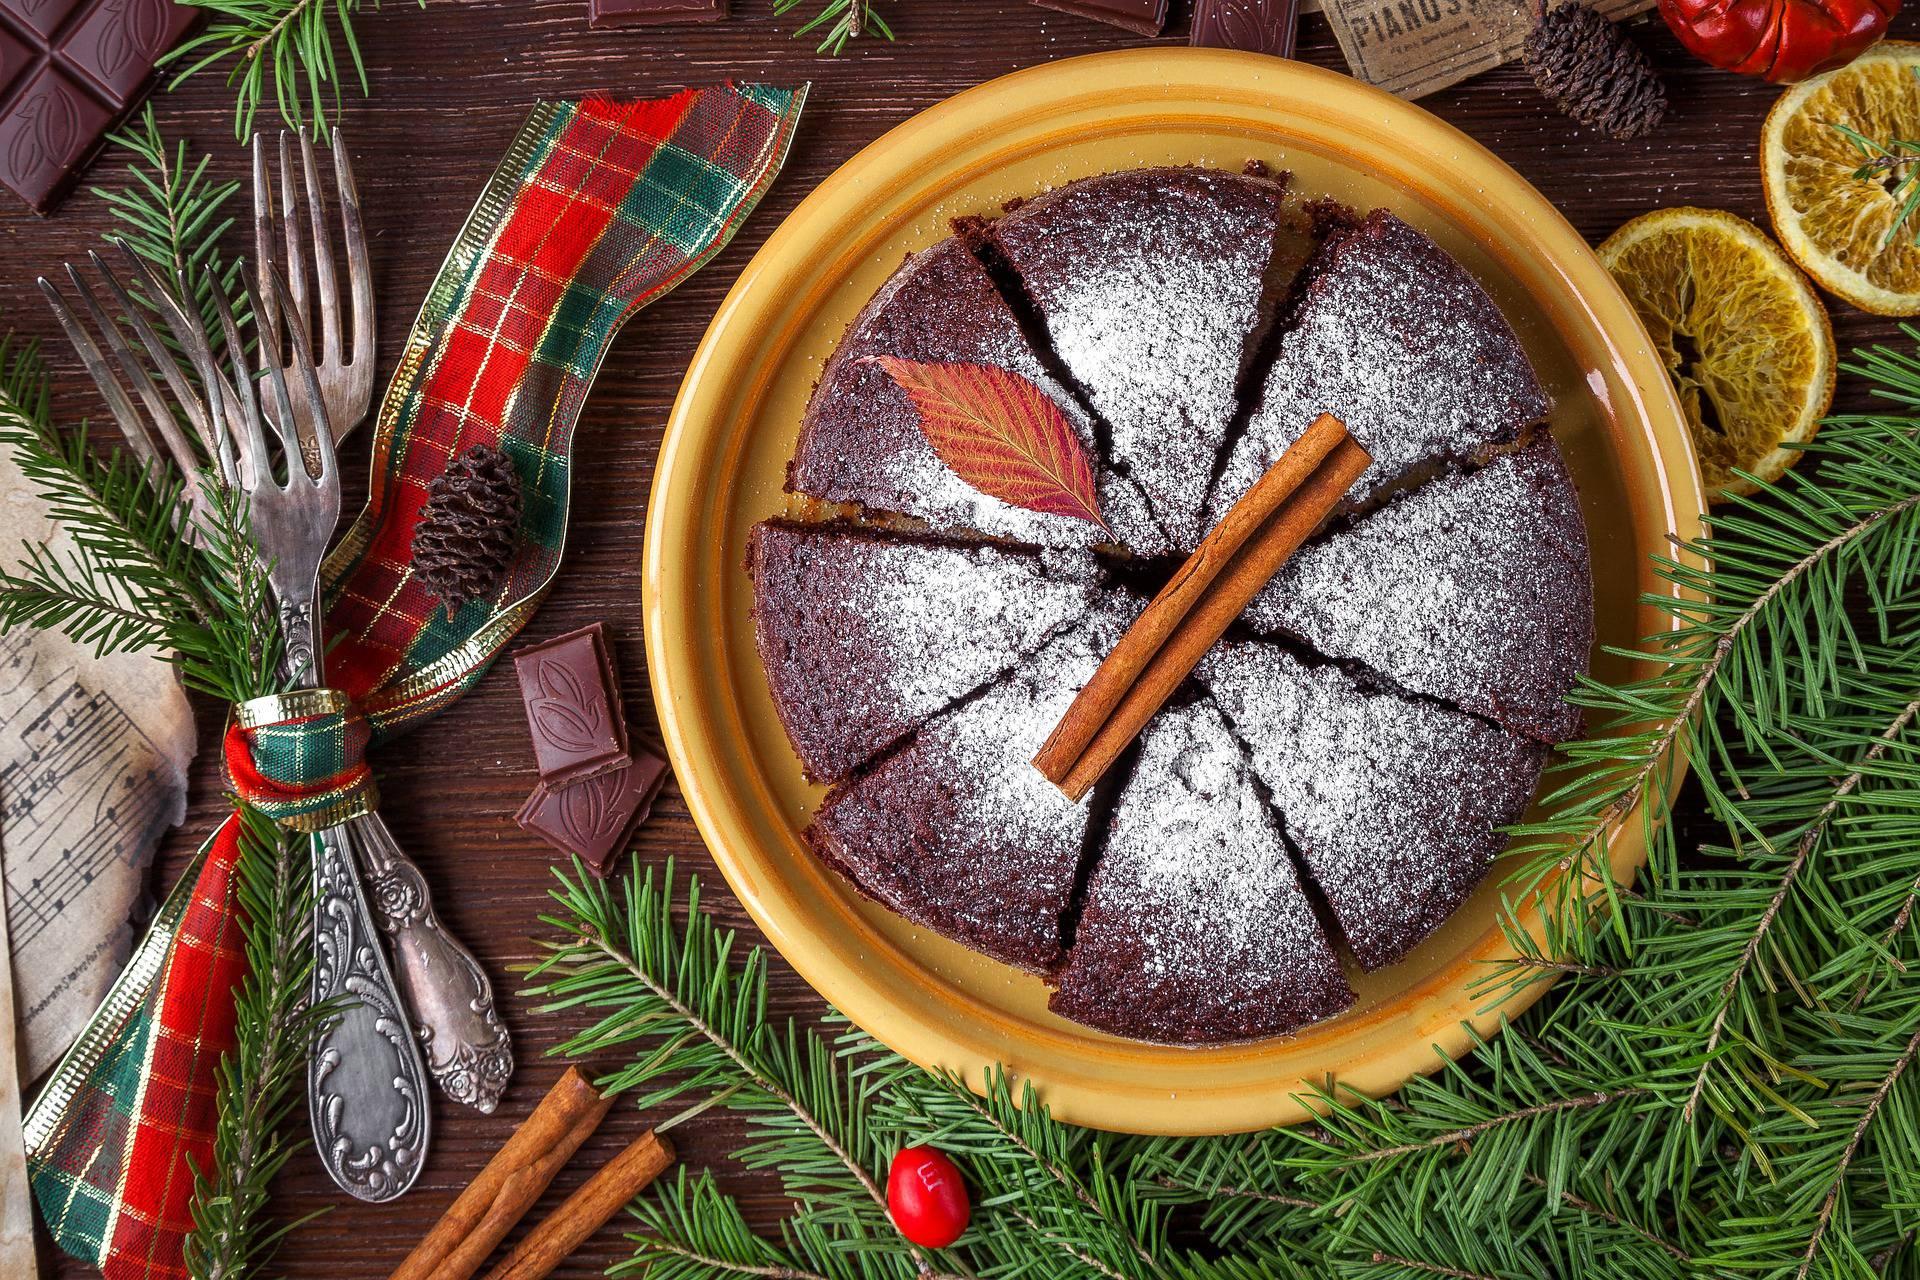 Dolci Natalizi Uccia3000.La Colazione Di Natale Tutte Le Ricette Piu Buone Dai Dolci Alle Bevande